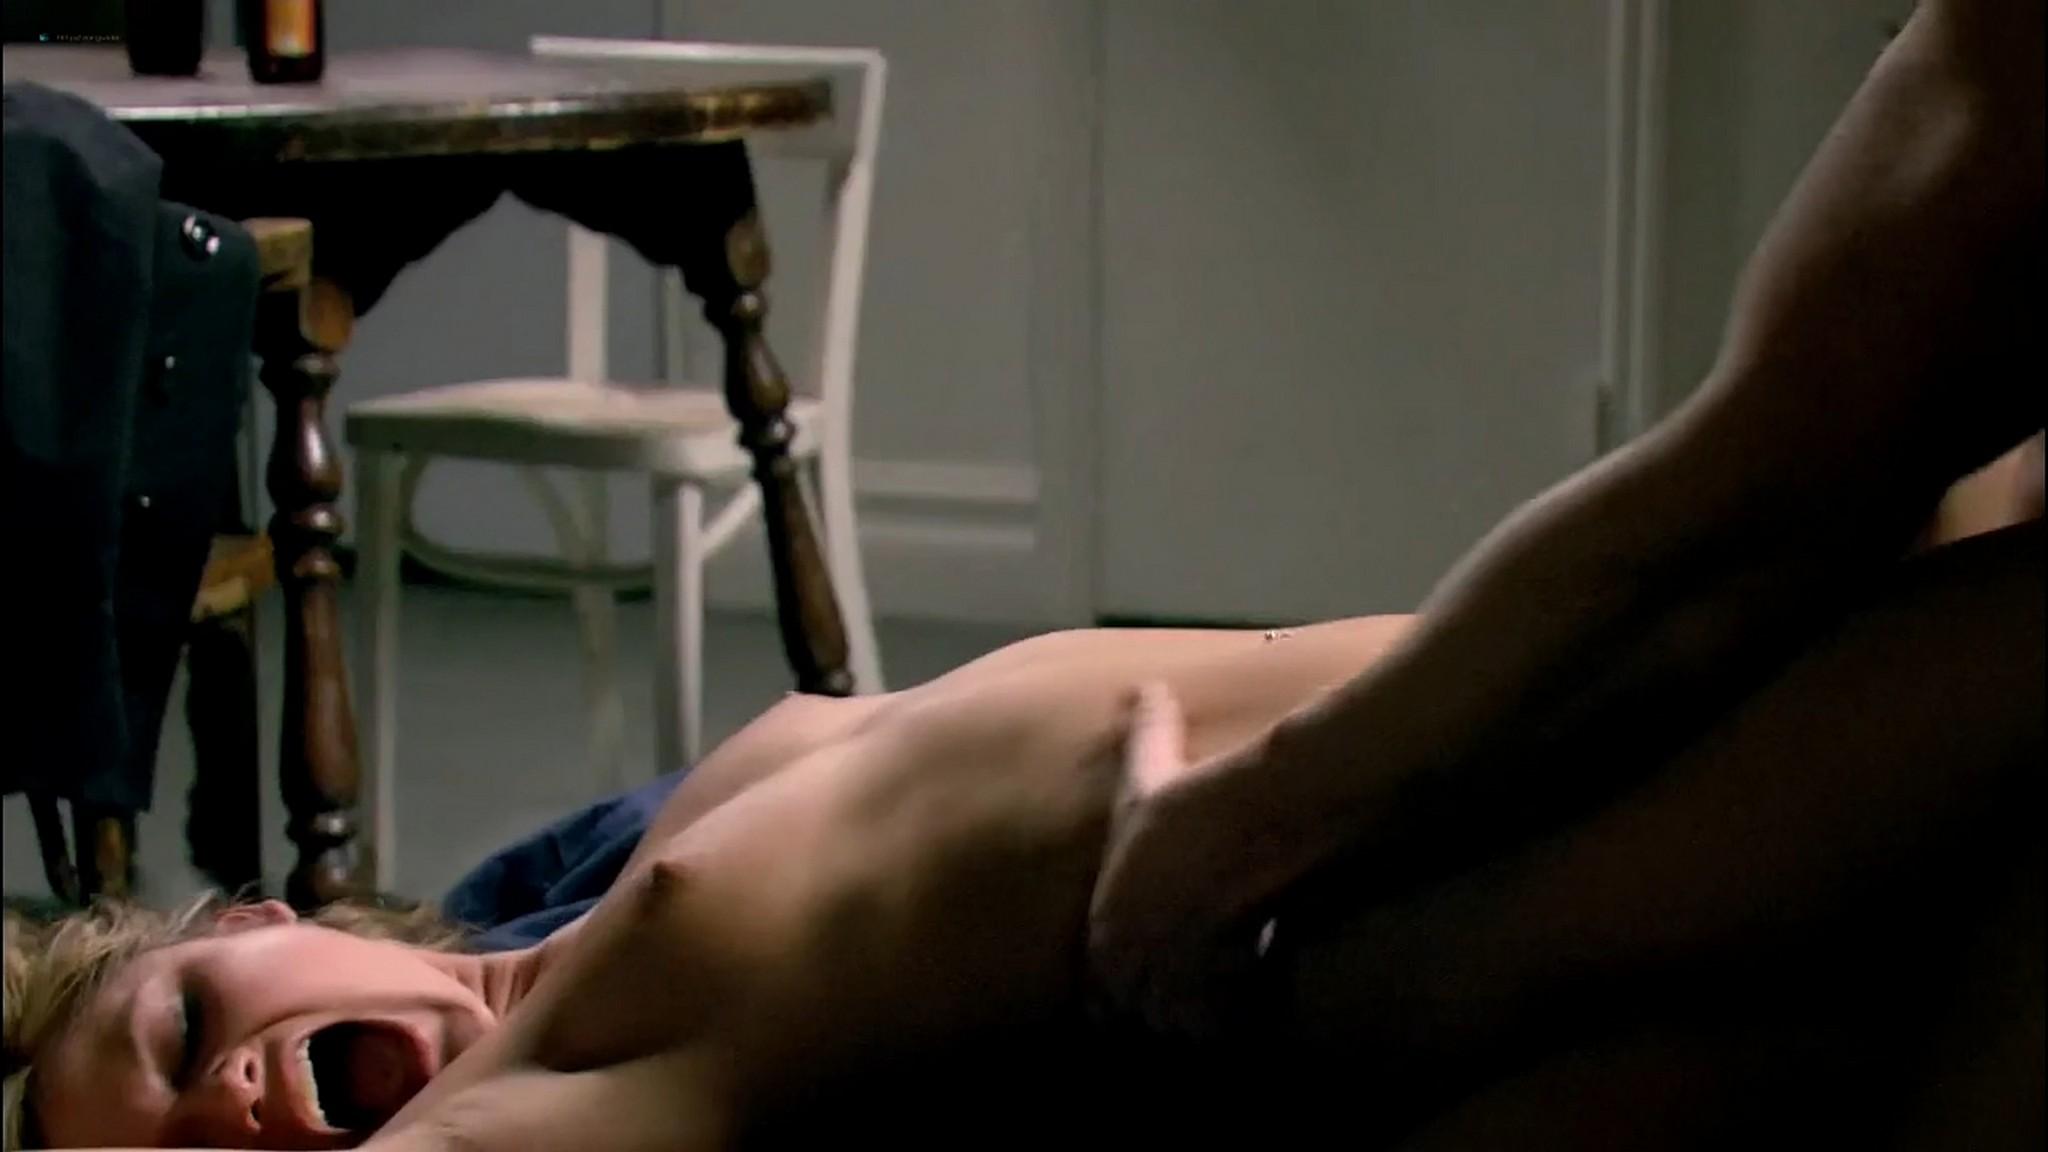 Jennifer Korbin nude sex Lana Tailor, Emily MacLeod nude sex too - Lingerie (2009) s1e1 HD 720p (17)